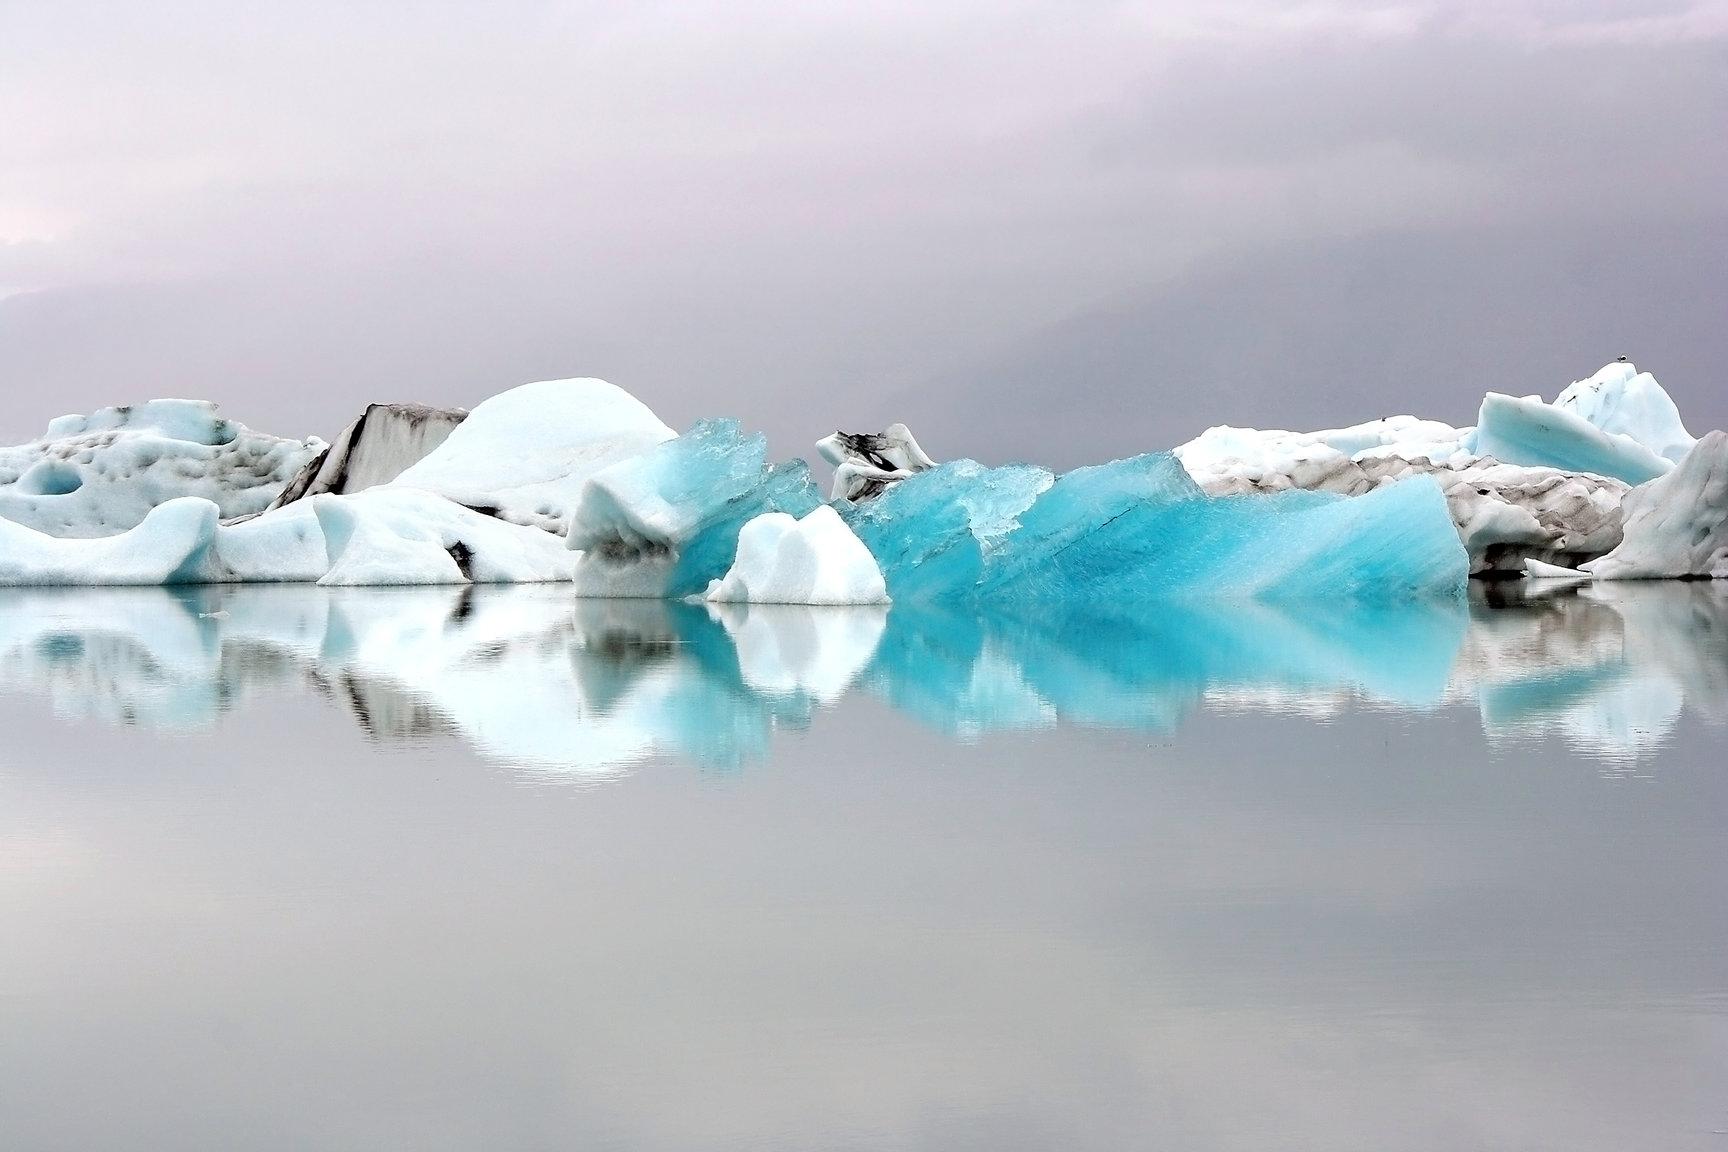 3-tägige Tour zu Jökulsárlón | Golden Circle, Südküste, Gletscherwanderung & Bootsfahrt - day 3